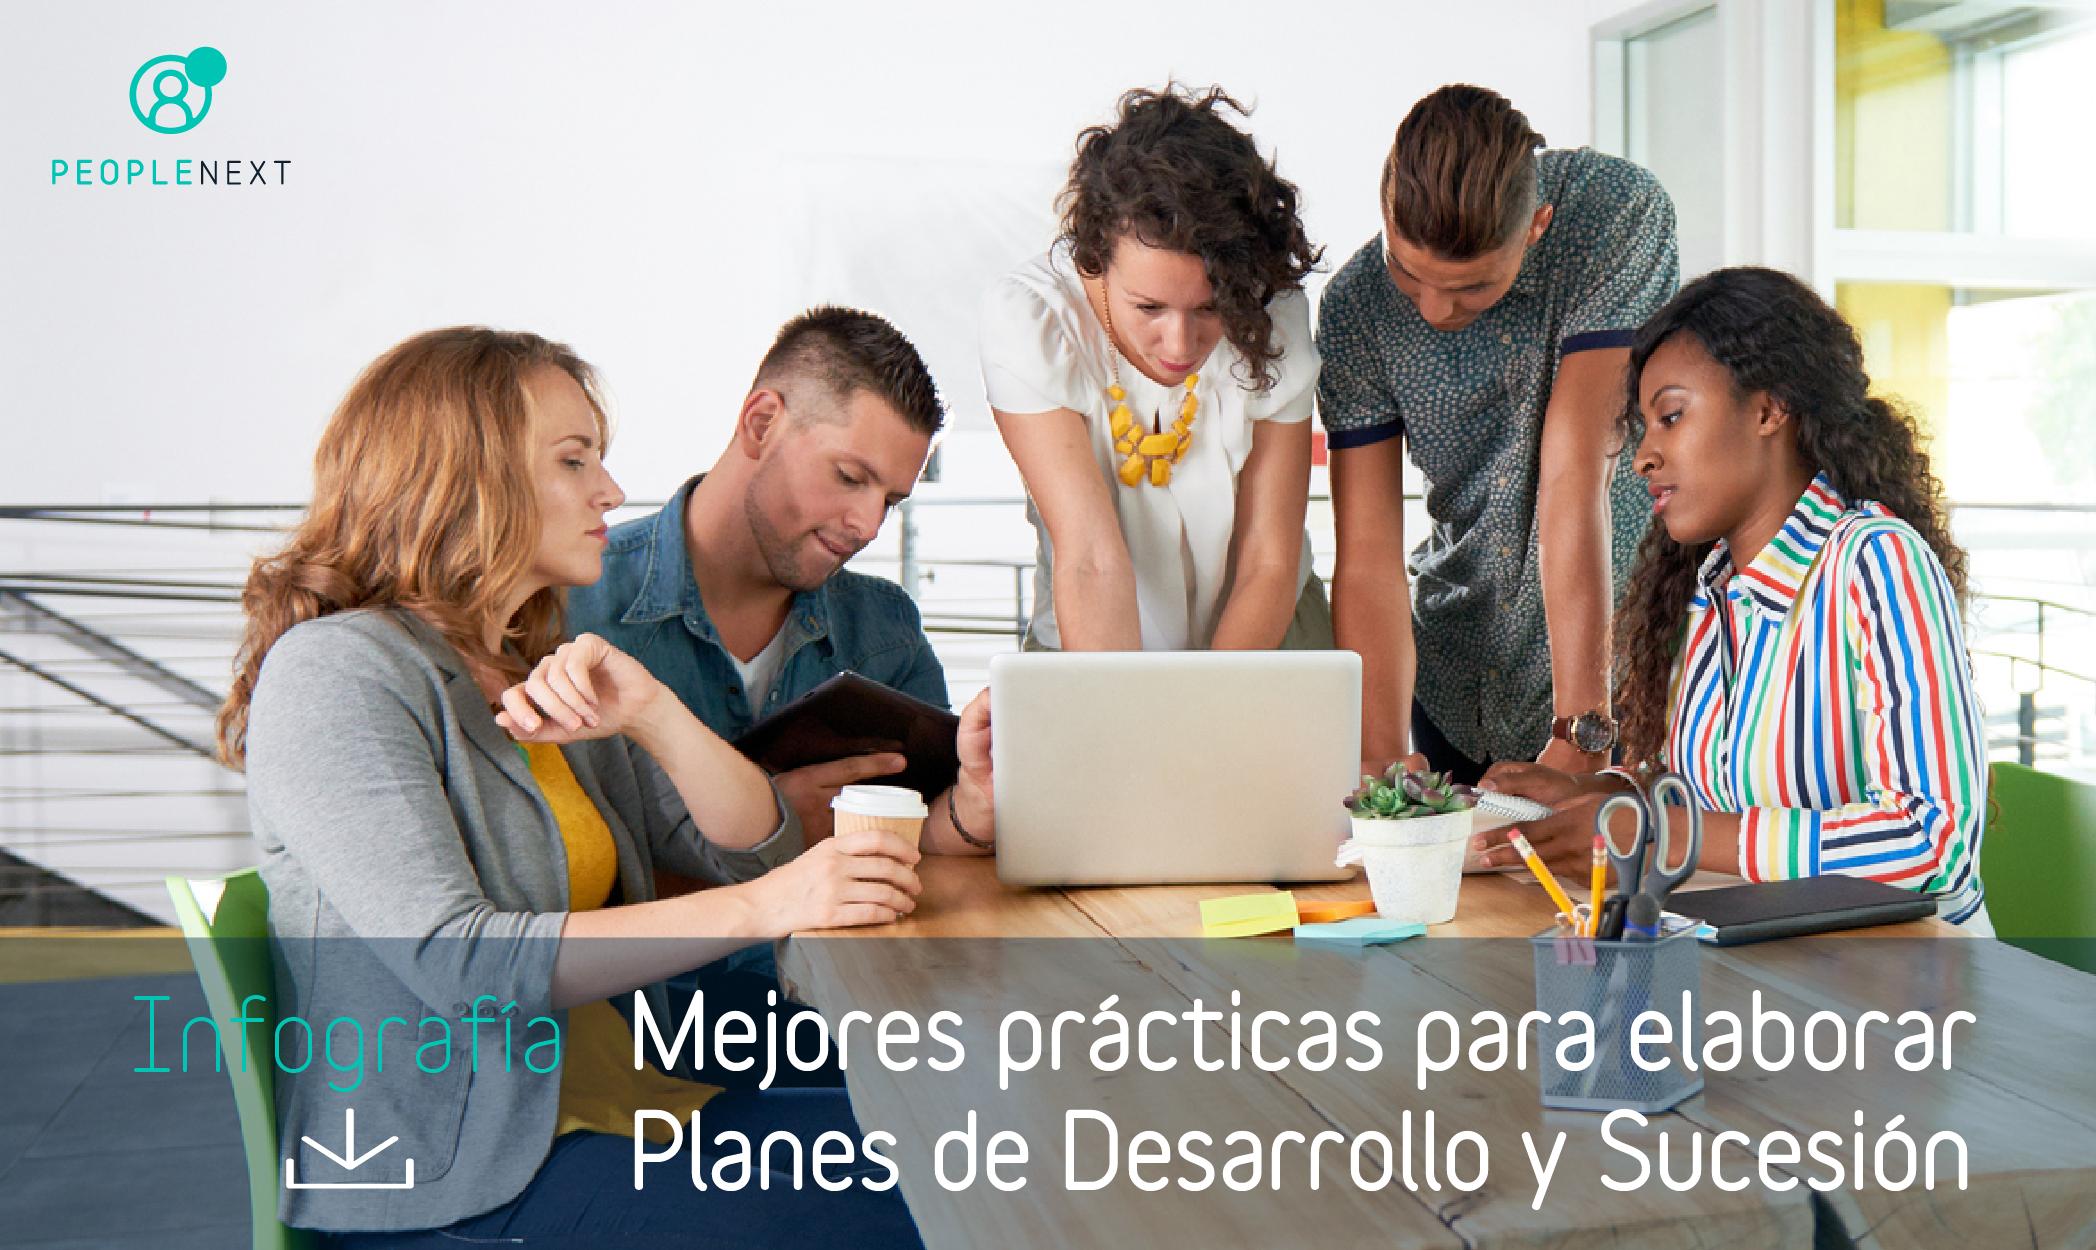 CTA_Infografia_Mejores_practicas_para_elaborar_planes_de_desarrollo_y_sucesion